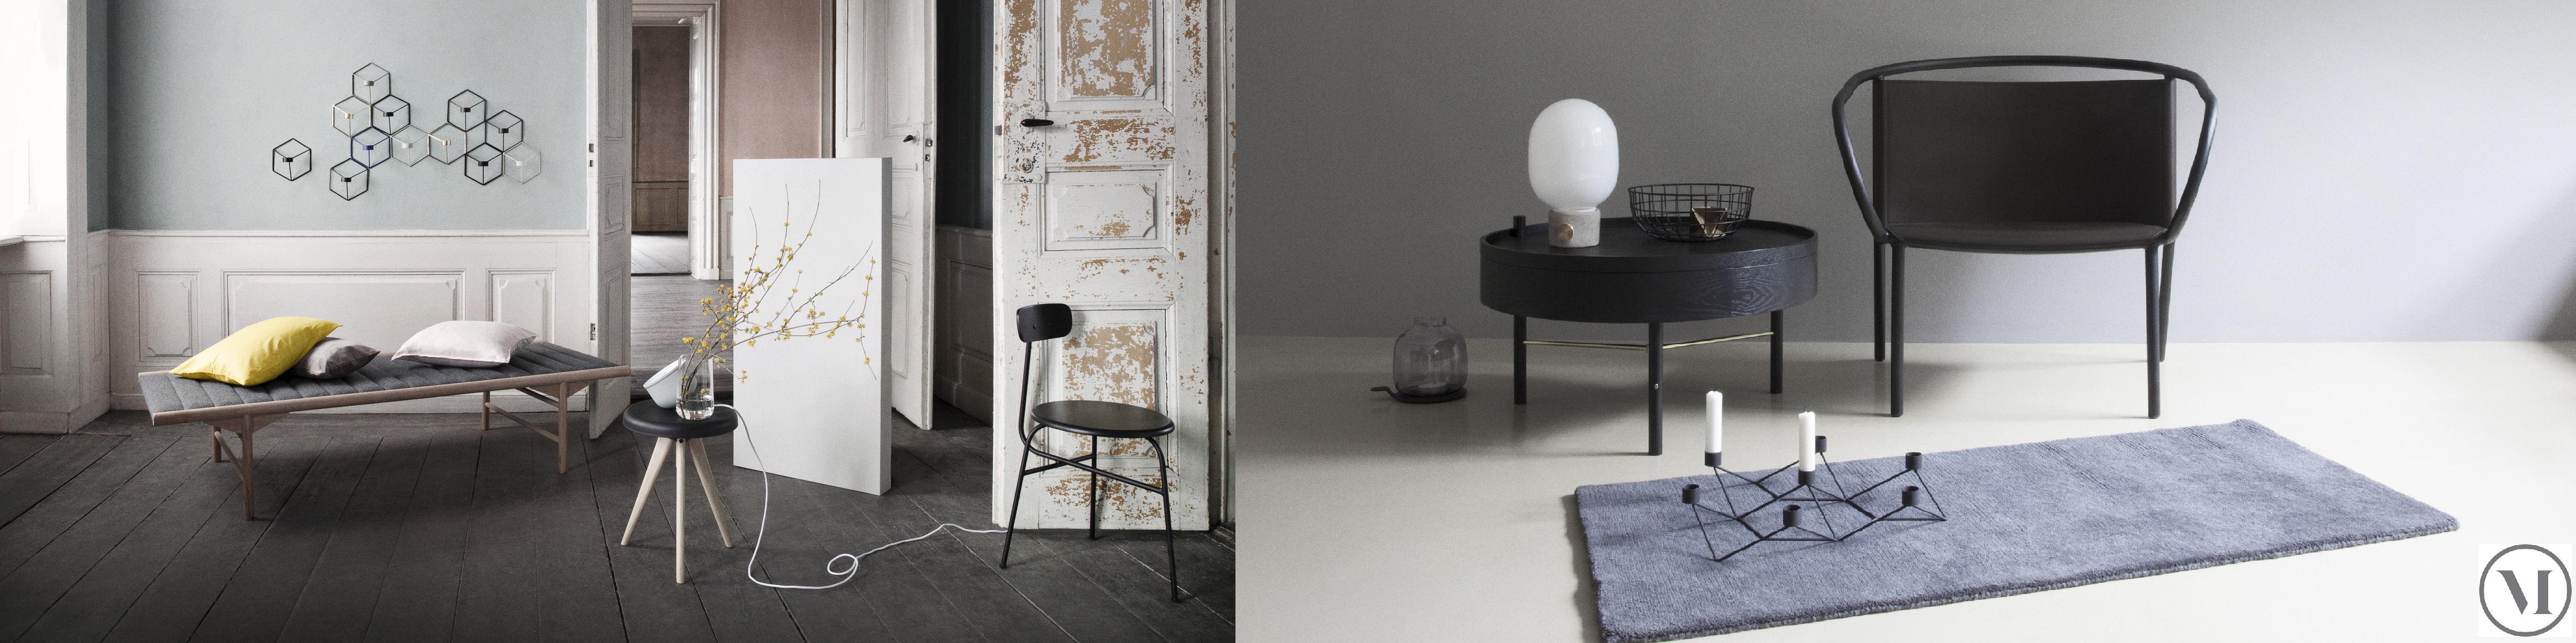 furniture-page-ii.jpg